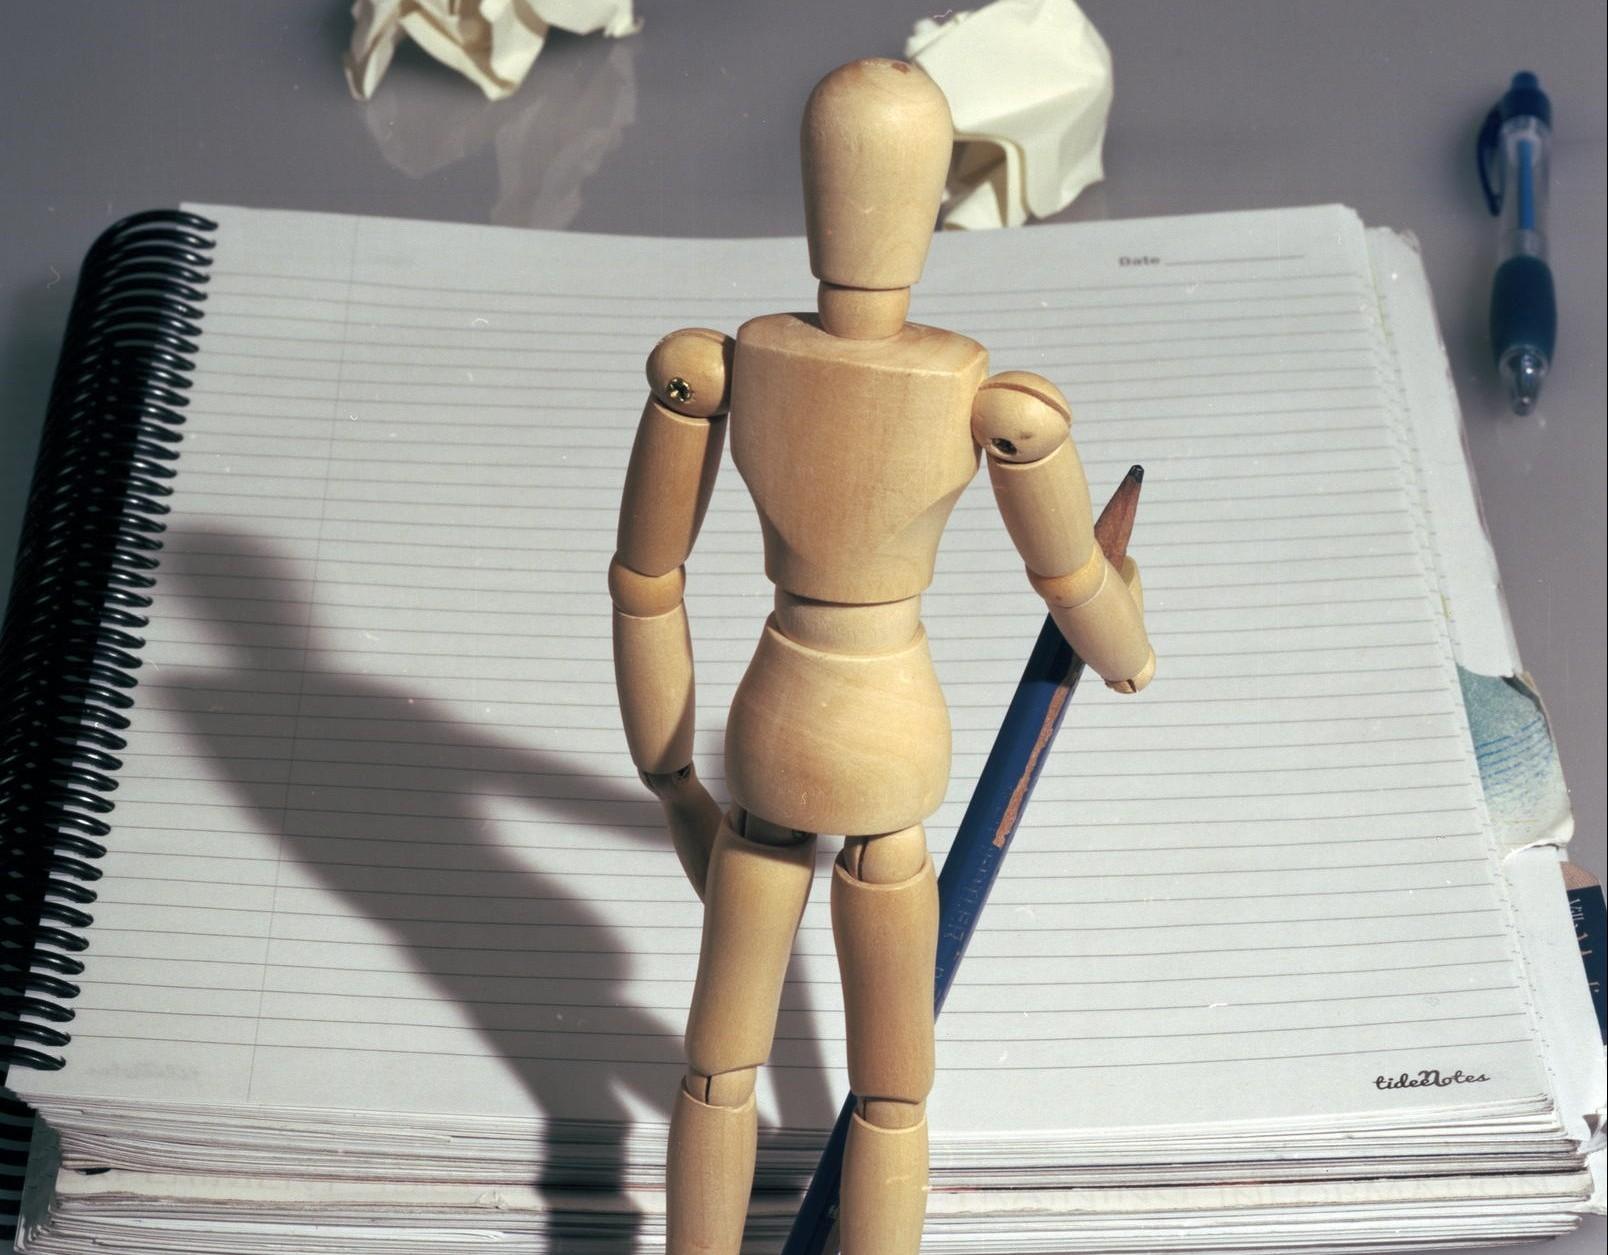 Clerkship application cover letter sample